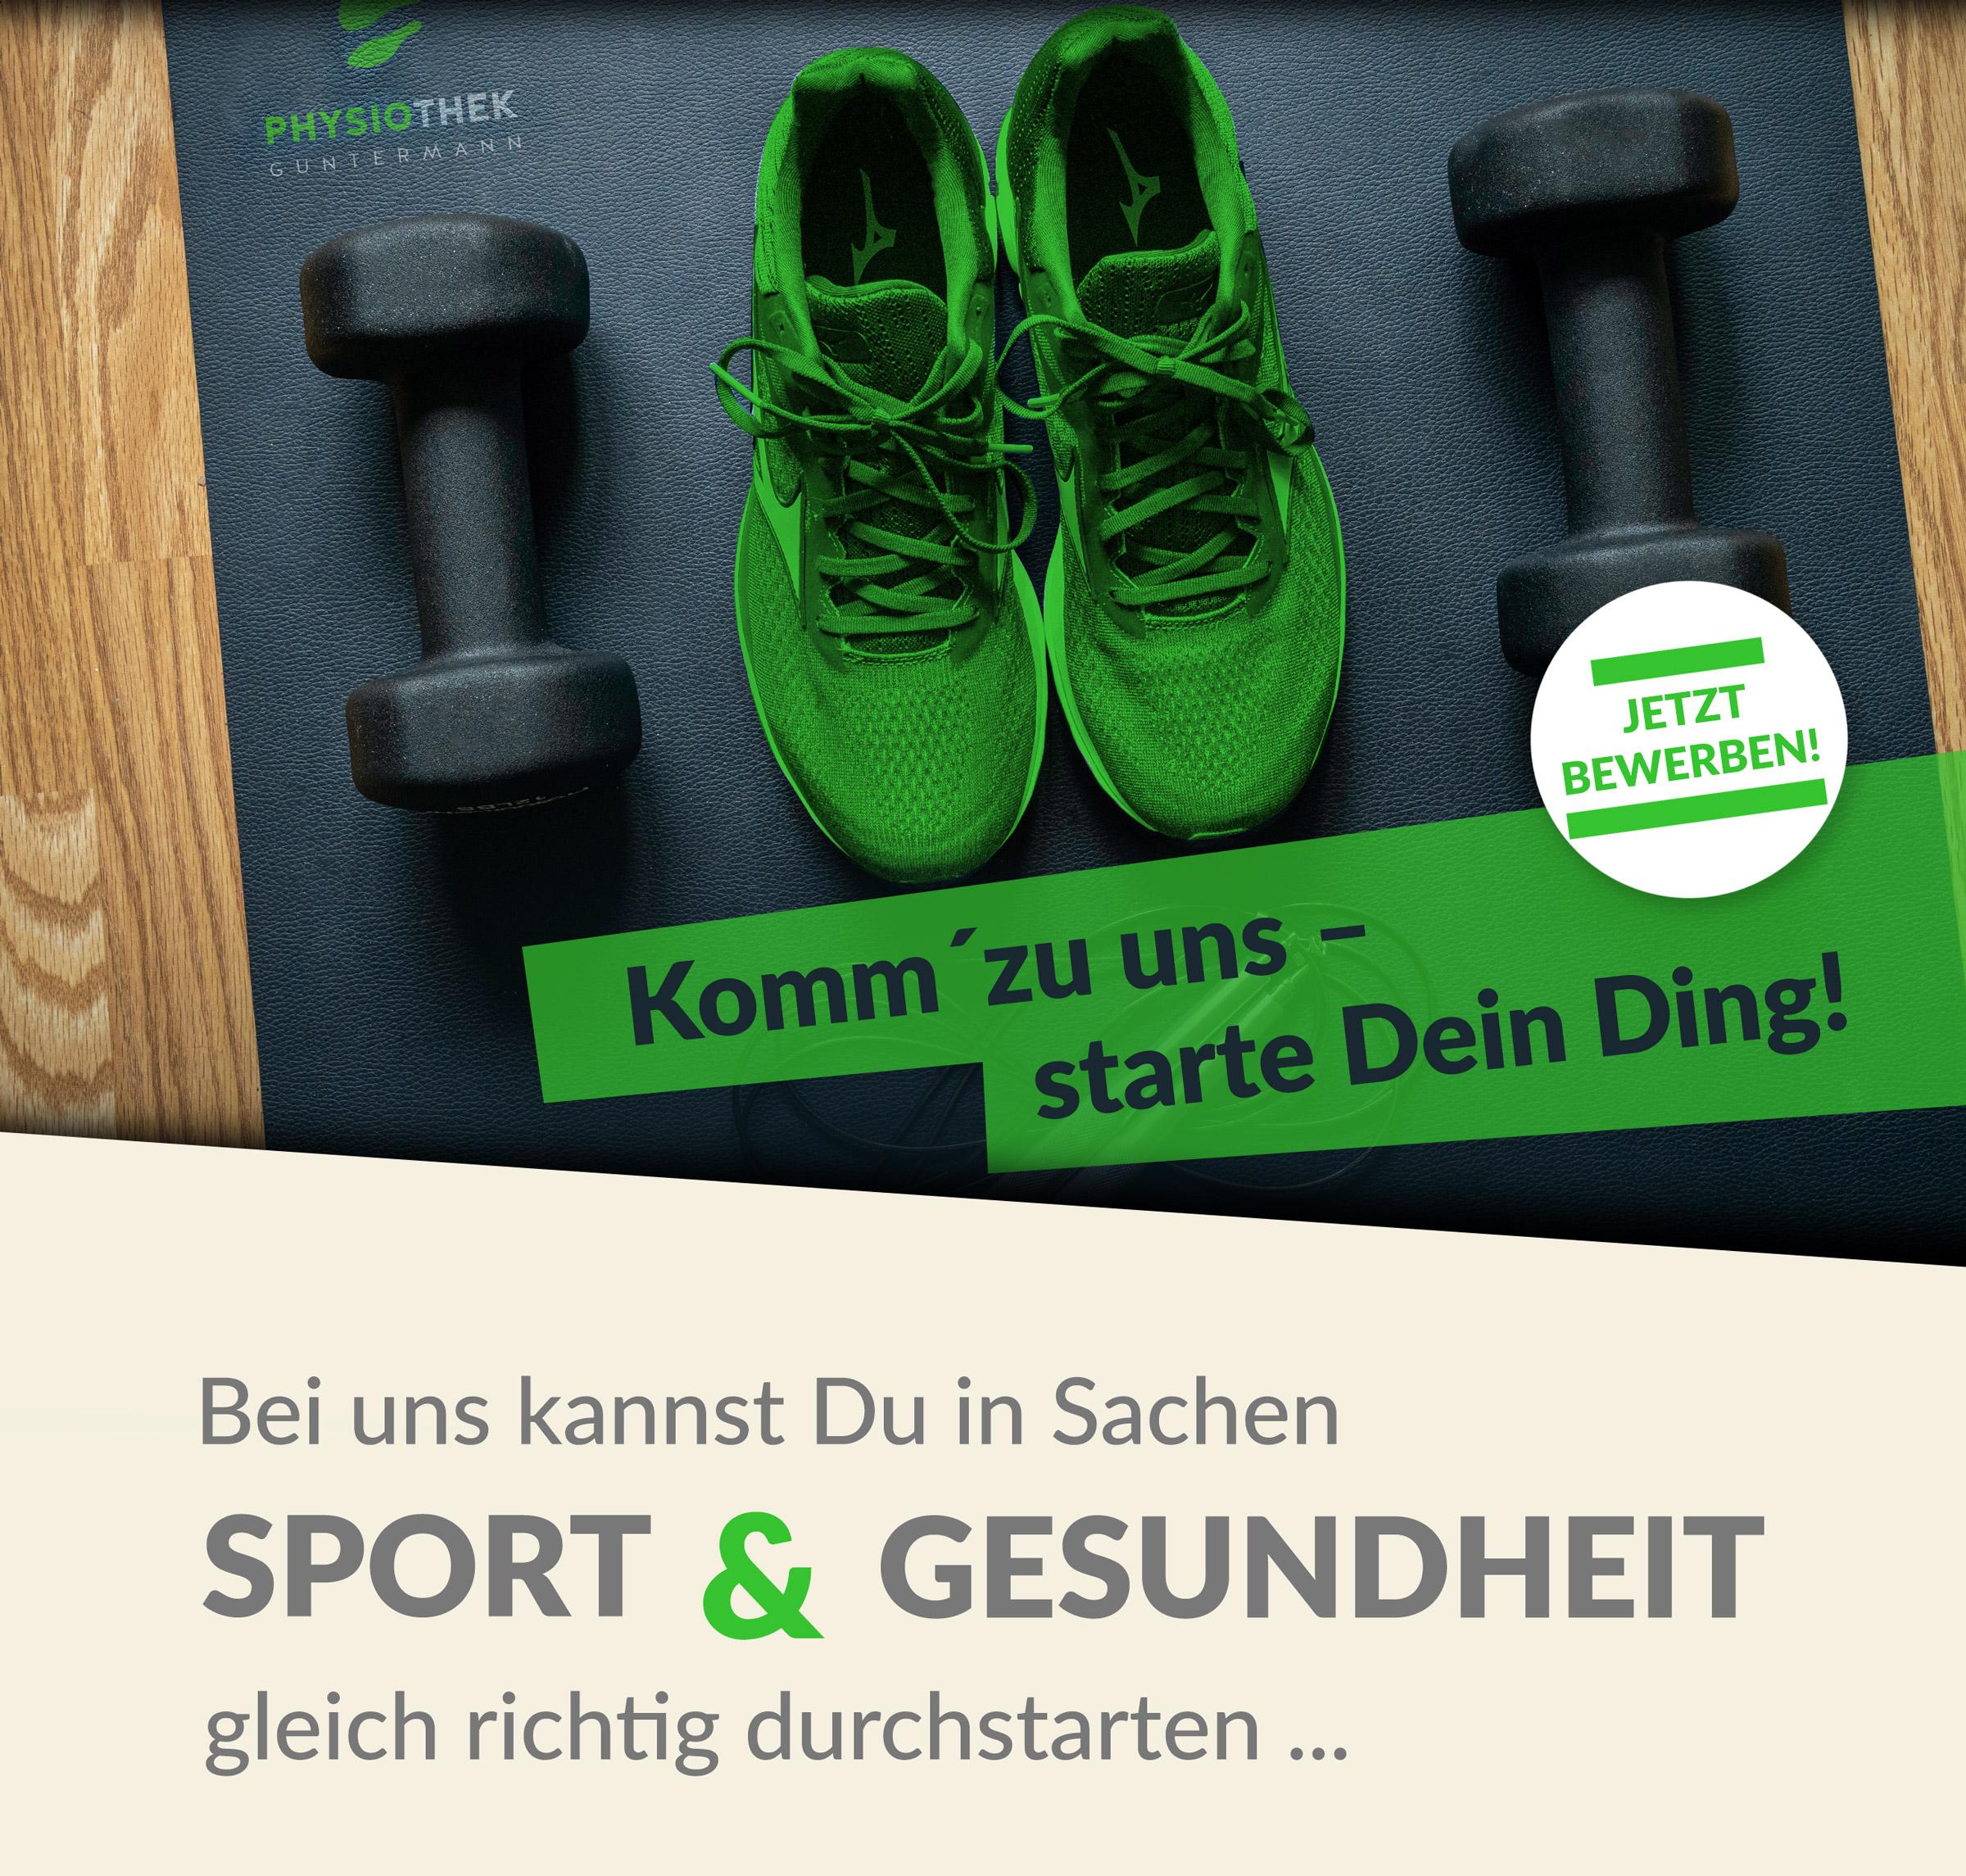 Stellenanzeige Physiotherapie in Dortmund